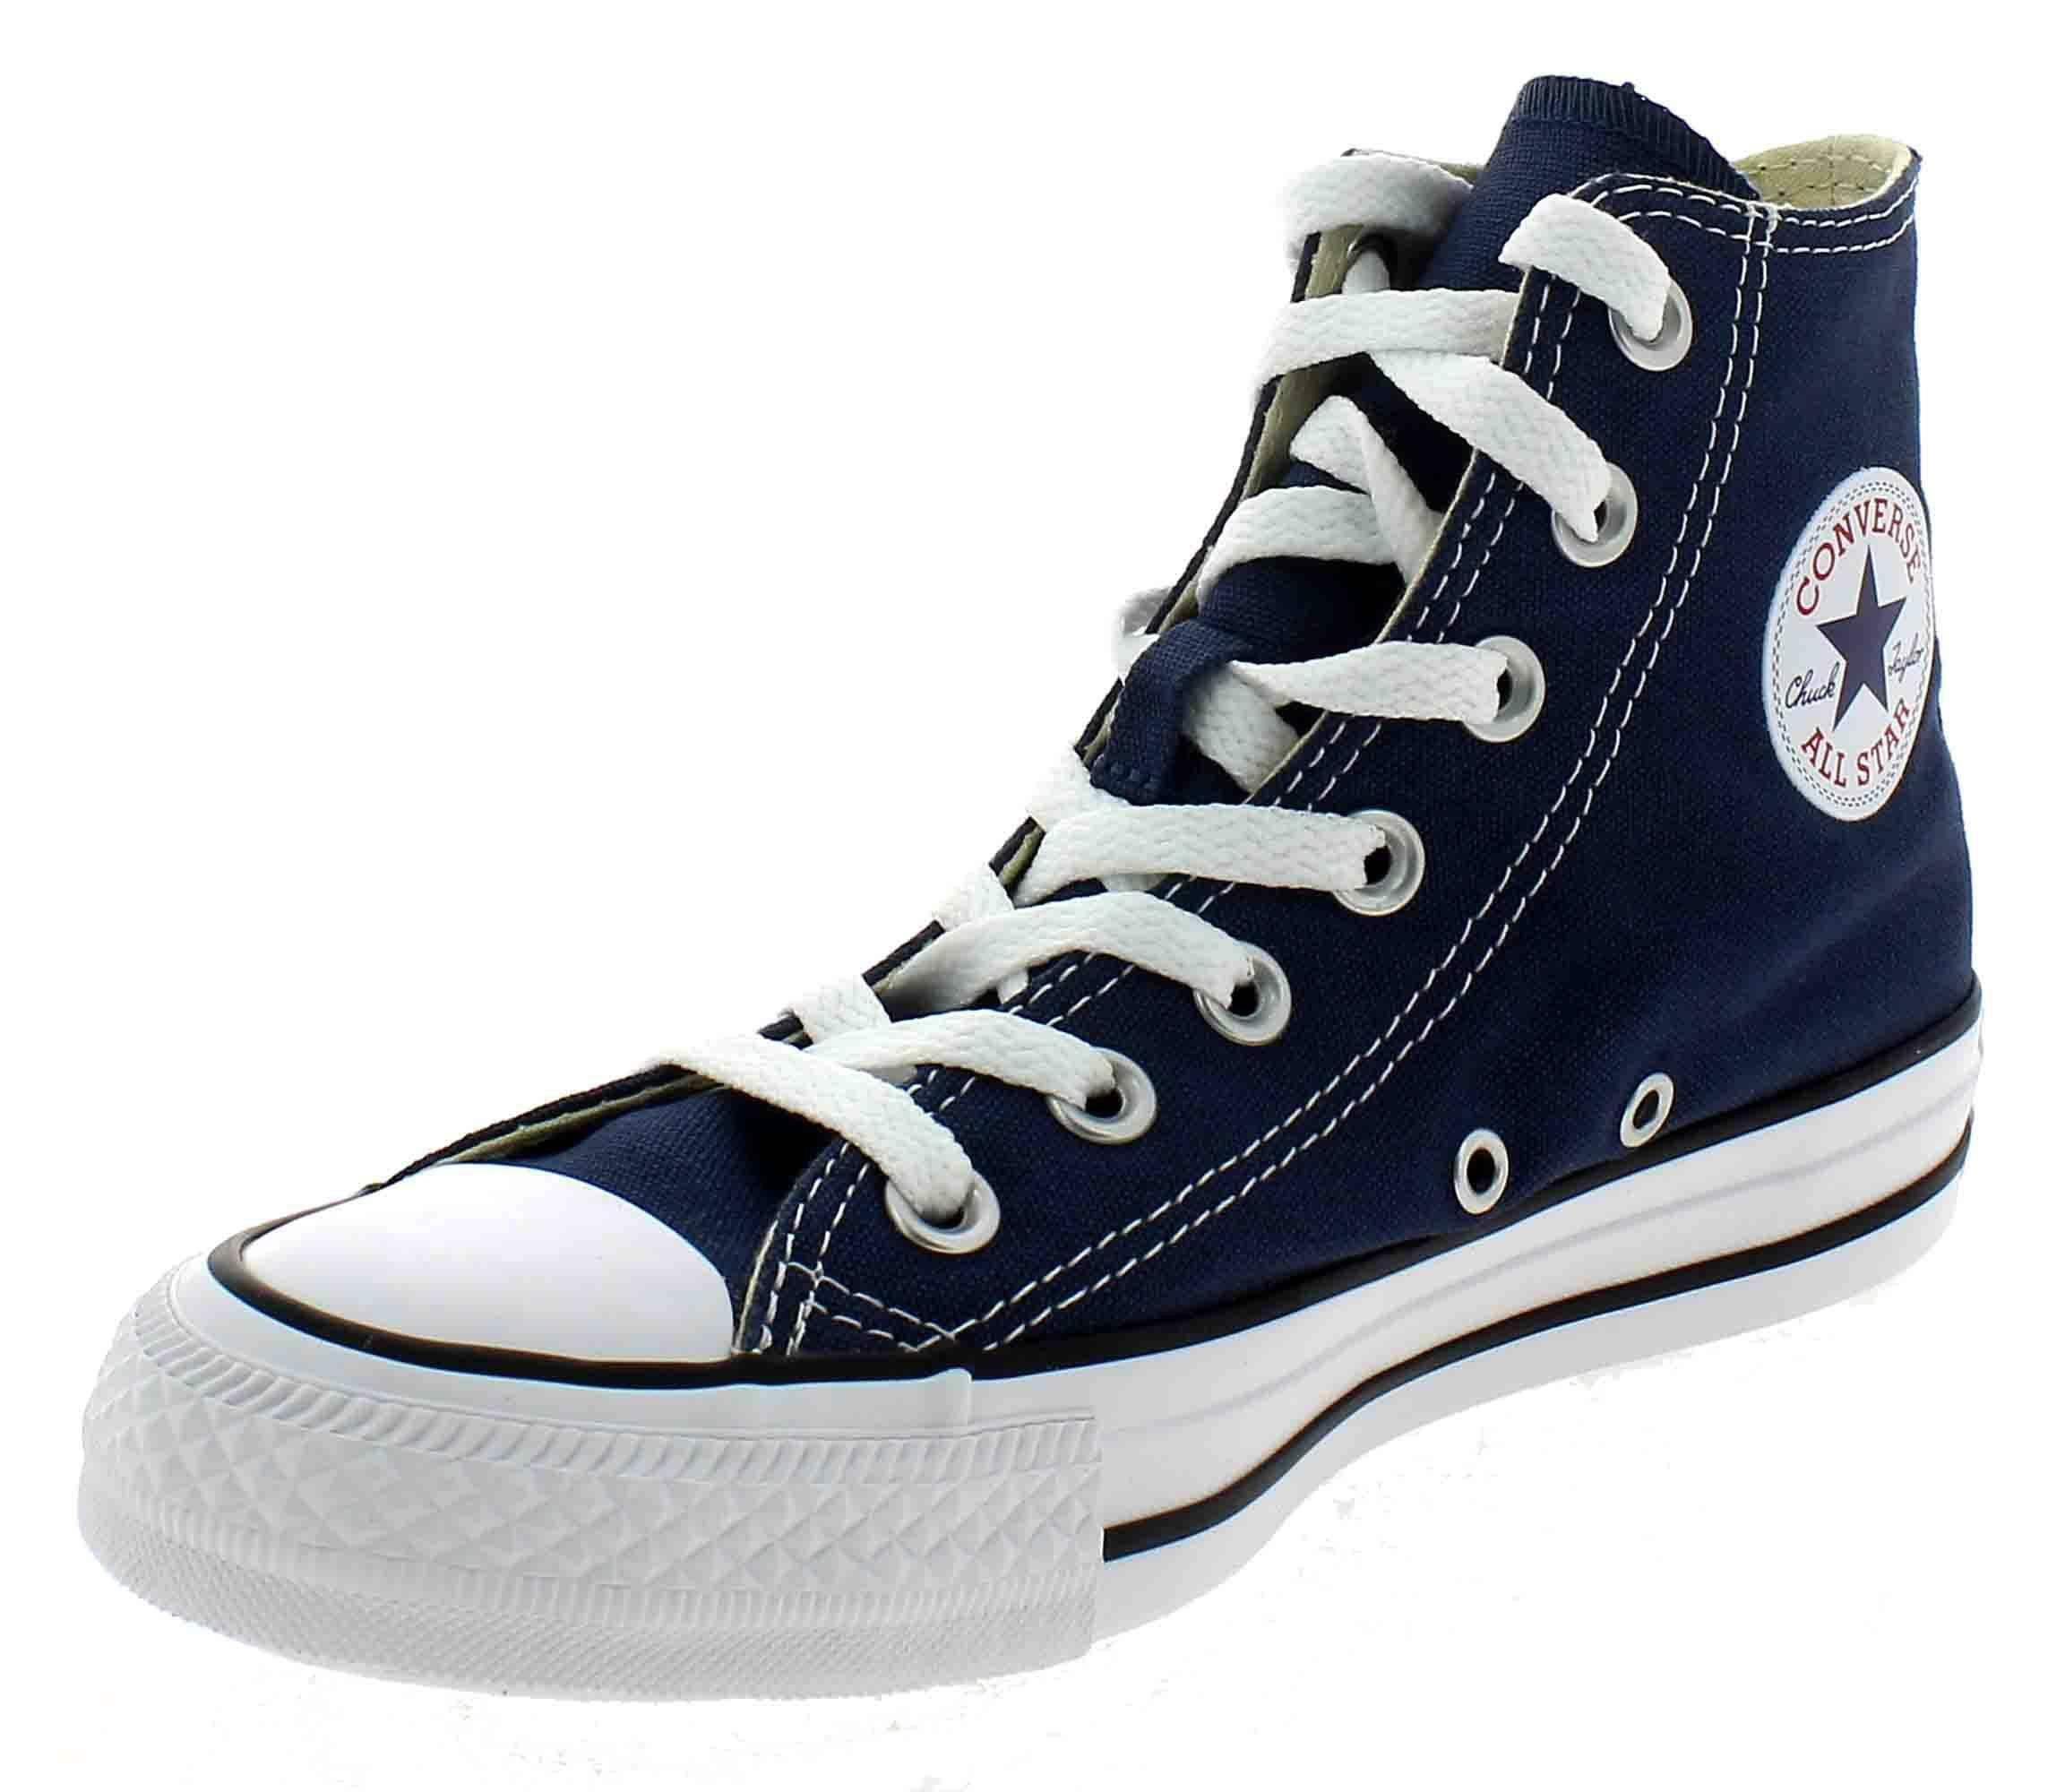 scarpe da ginnastica da uomo converse